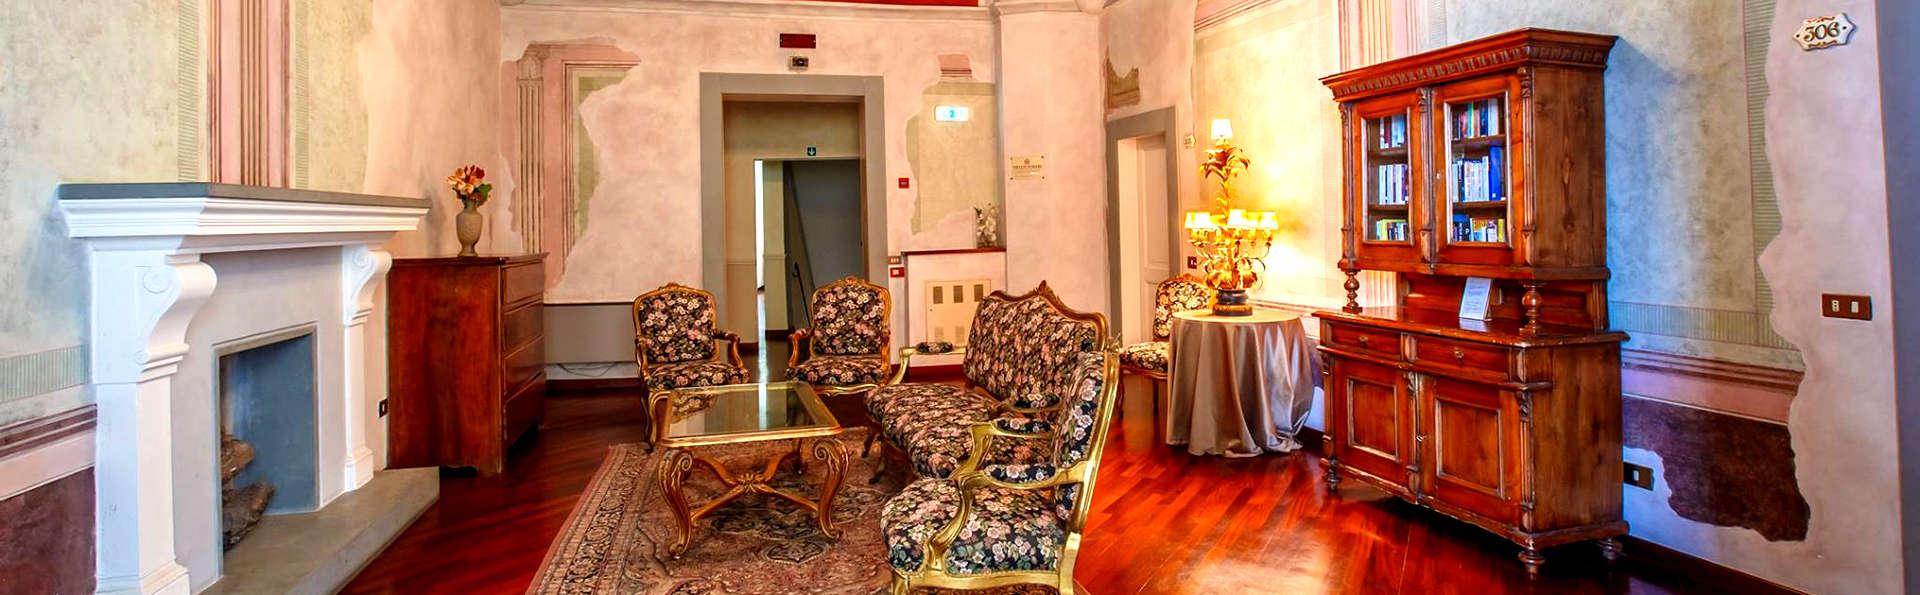 Comfortable palais du XIIIe siècle en plein centre historique de Pérousse